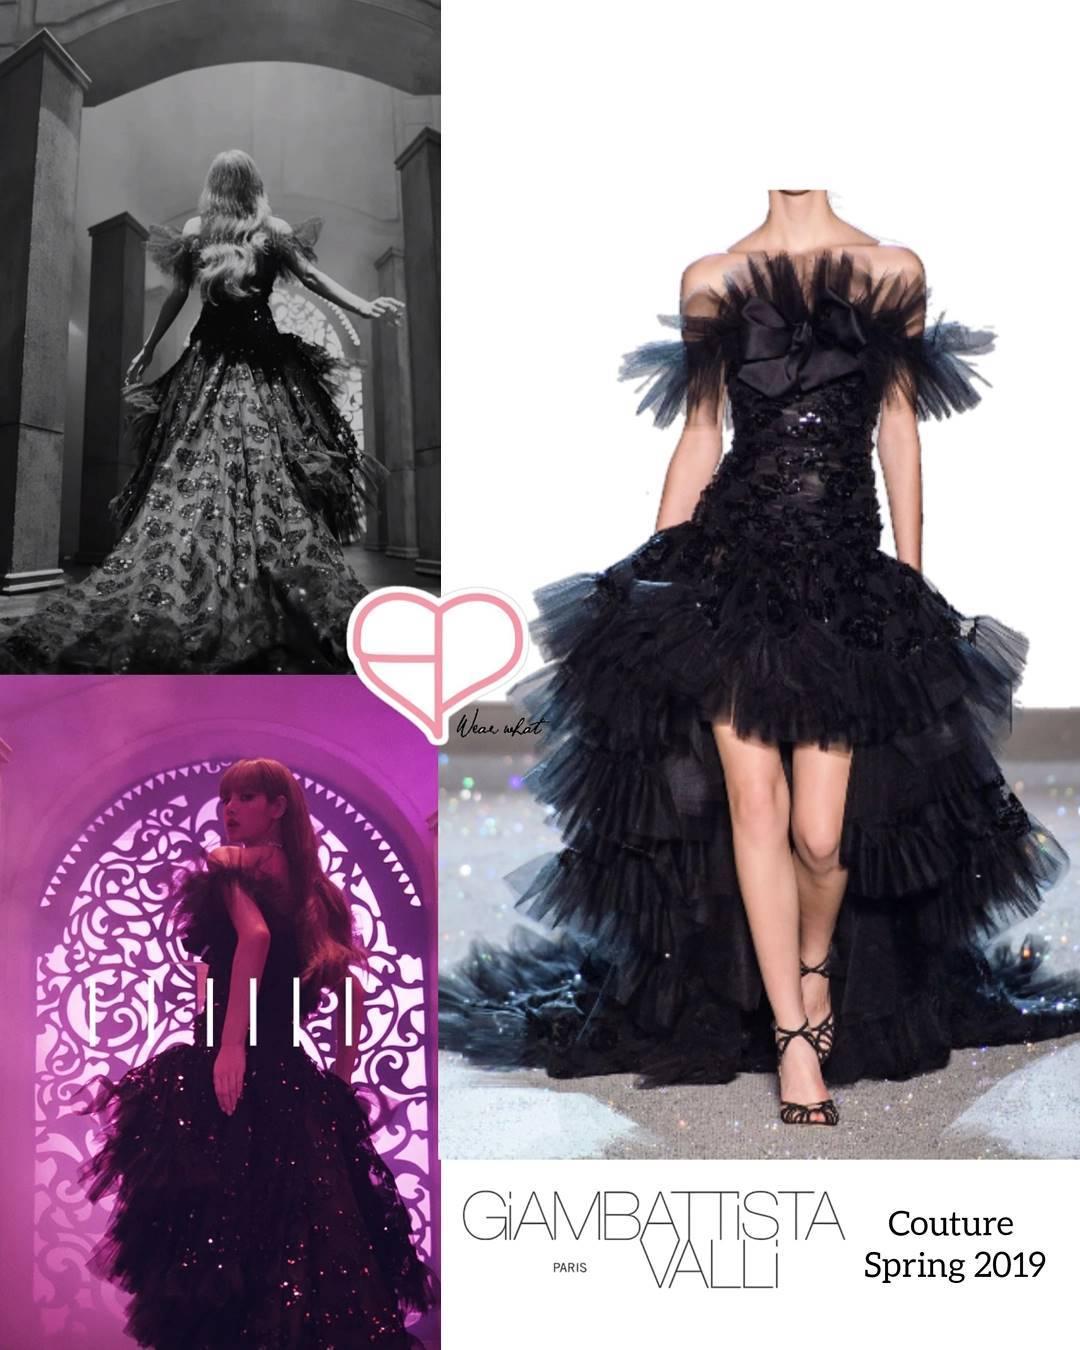 Ngoài thiết kế đỉnh cao lấy cảm hứng từ quốc phục chùa vàng, Lisa còn được đầu tư không ít trang phục cũng xa hoa, lộng lẫy không kém trong MV. Cô nàng là mỹ nhân Black Pink duy nhất tính đến hiện tại được mặc đến hai thiết kế Haute Couture trong một sản phẩm. Ở những phân cảnh đầu tiên, Lisa xuất hiện kiêu sa như một nữ hoàng với thiết kế Couture Xuân Hè 2019 của Giambattista Valli.